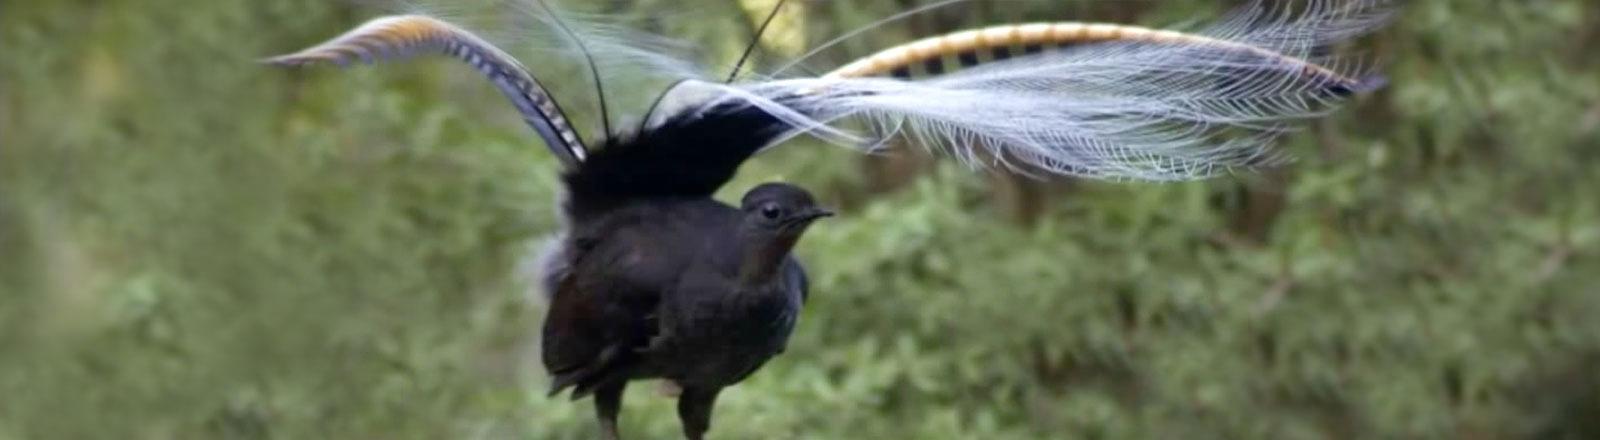 Ein schwarzer Vogel mit zwei langen Schwanzfedern zwischen denen viele weiße, fadenförmige Federn sind.